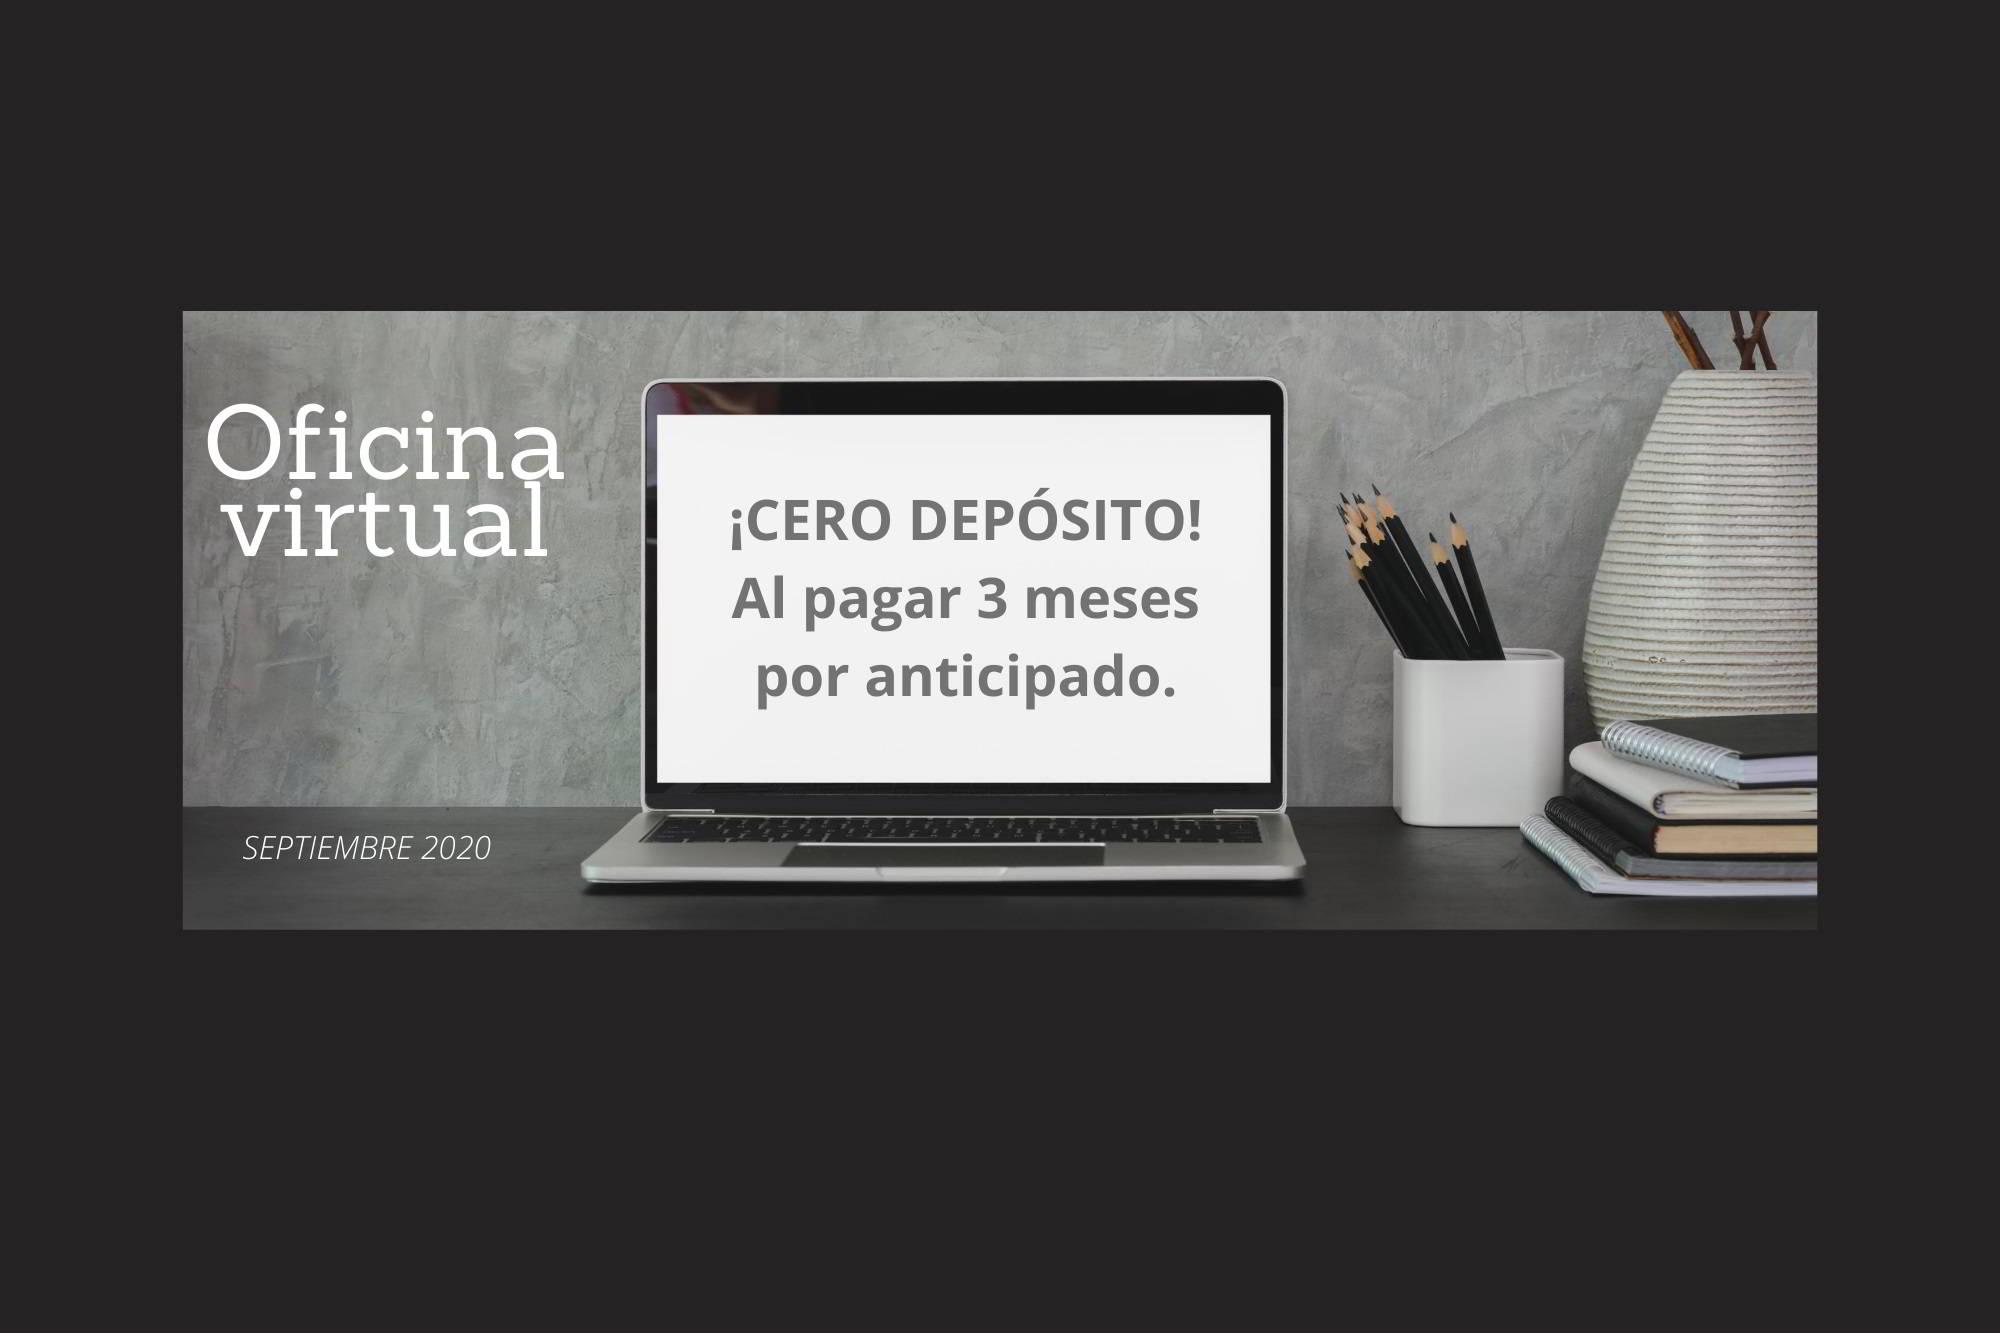 Promoción Oficina Virtual 2